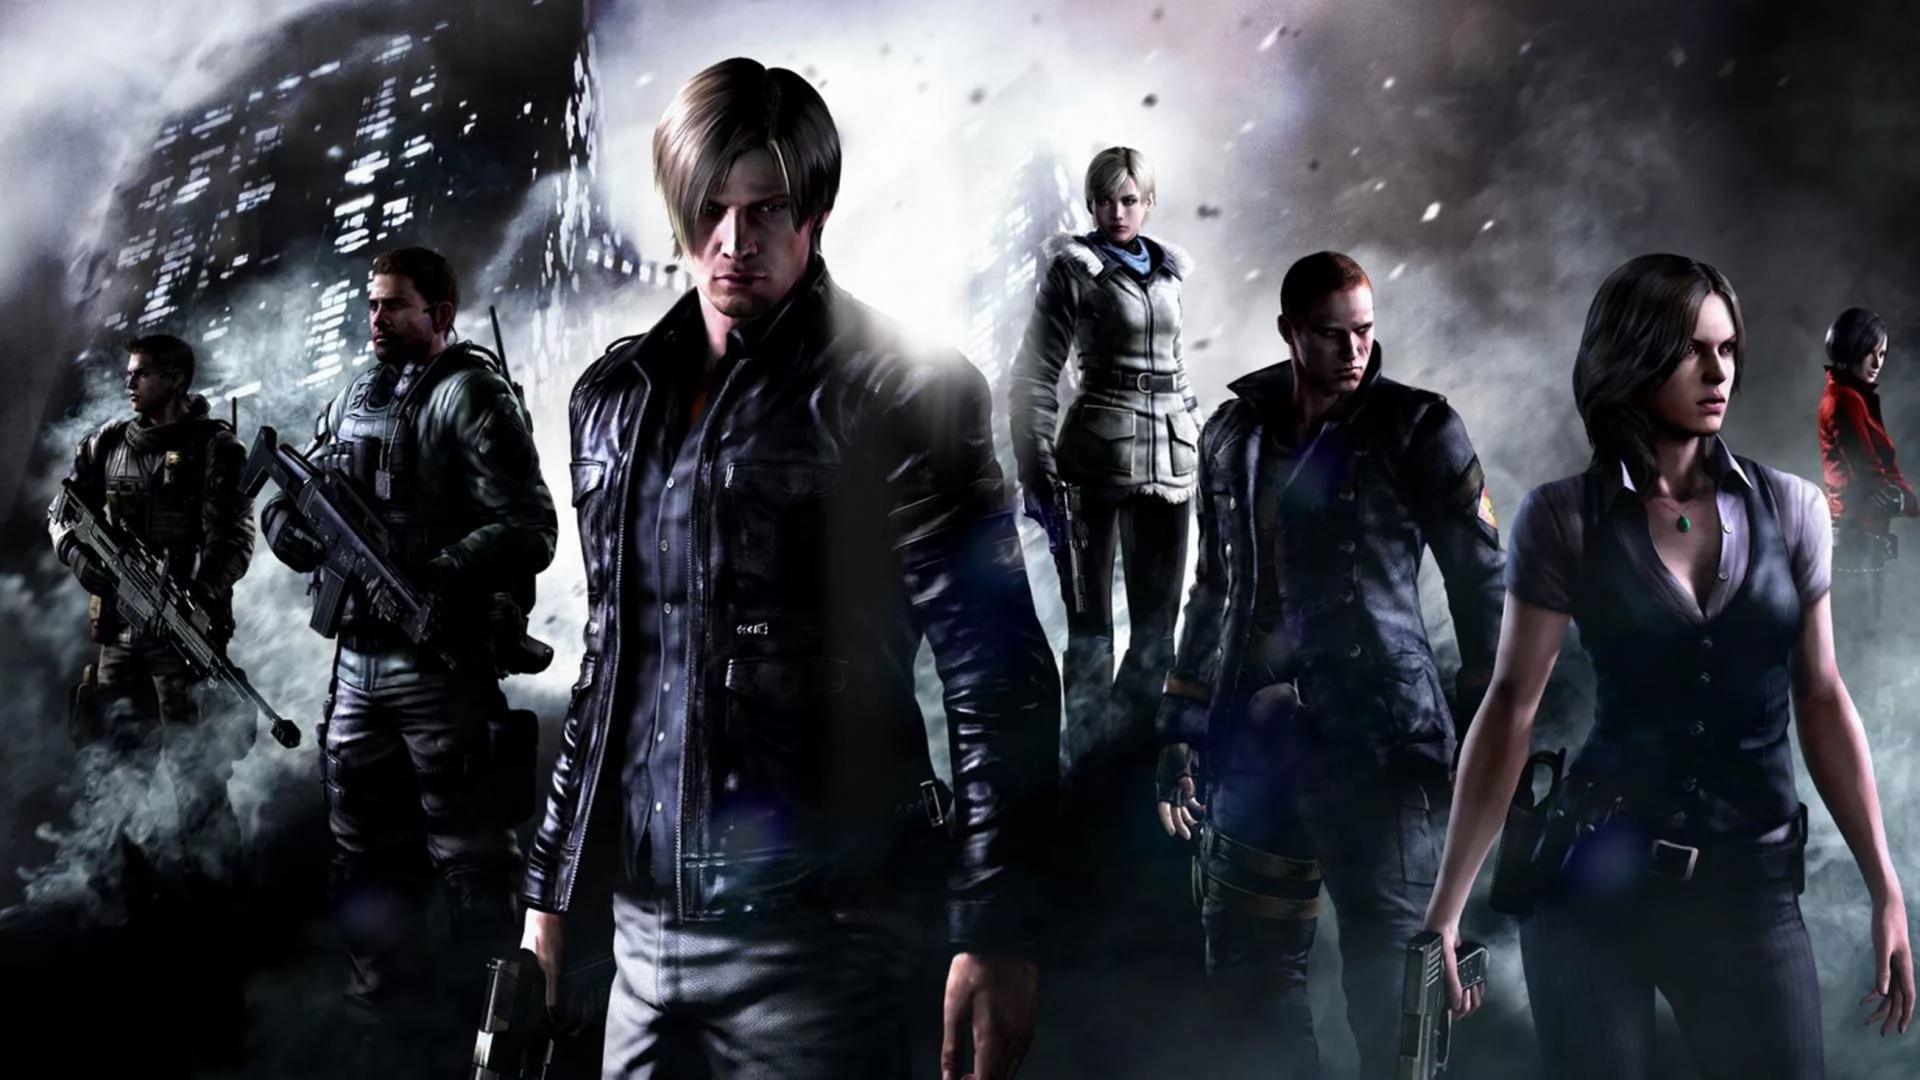 Поинформации инсайдера новая Resident Evil будет значительно отличаться отпрошлых частей